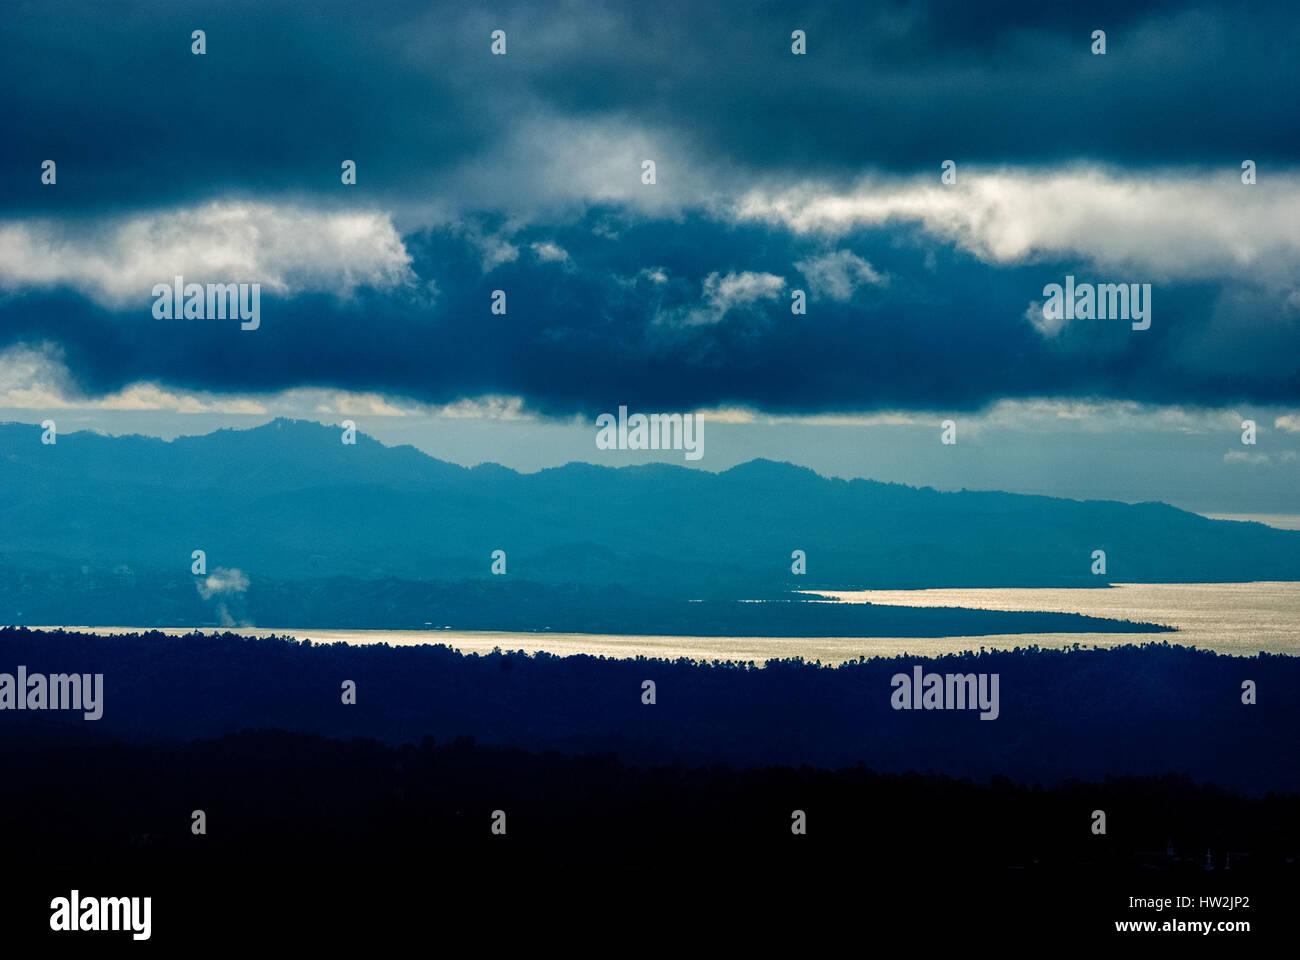 Pluie nuages planant au-dessus des côtes du nord de Sulawesi, en Indonésie. Reynold © Sumayku Photo Stock